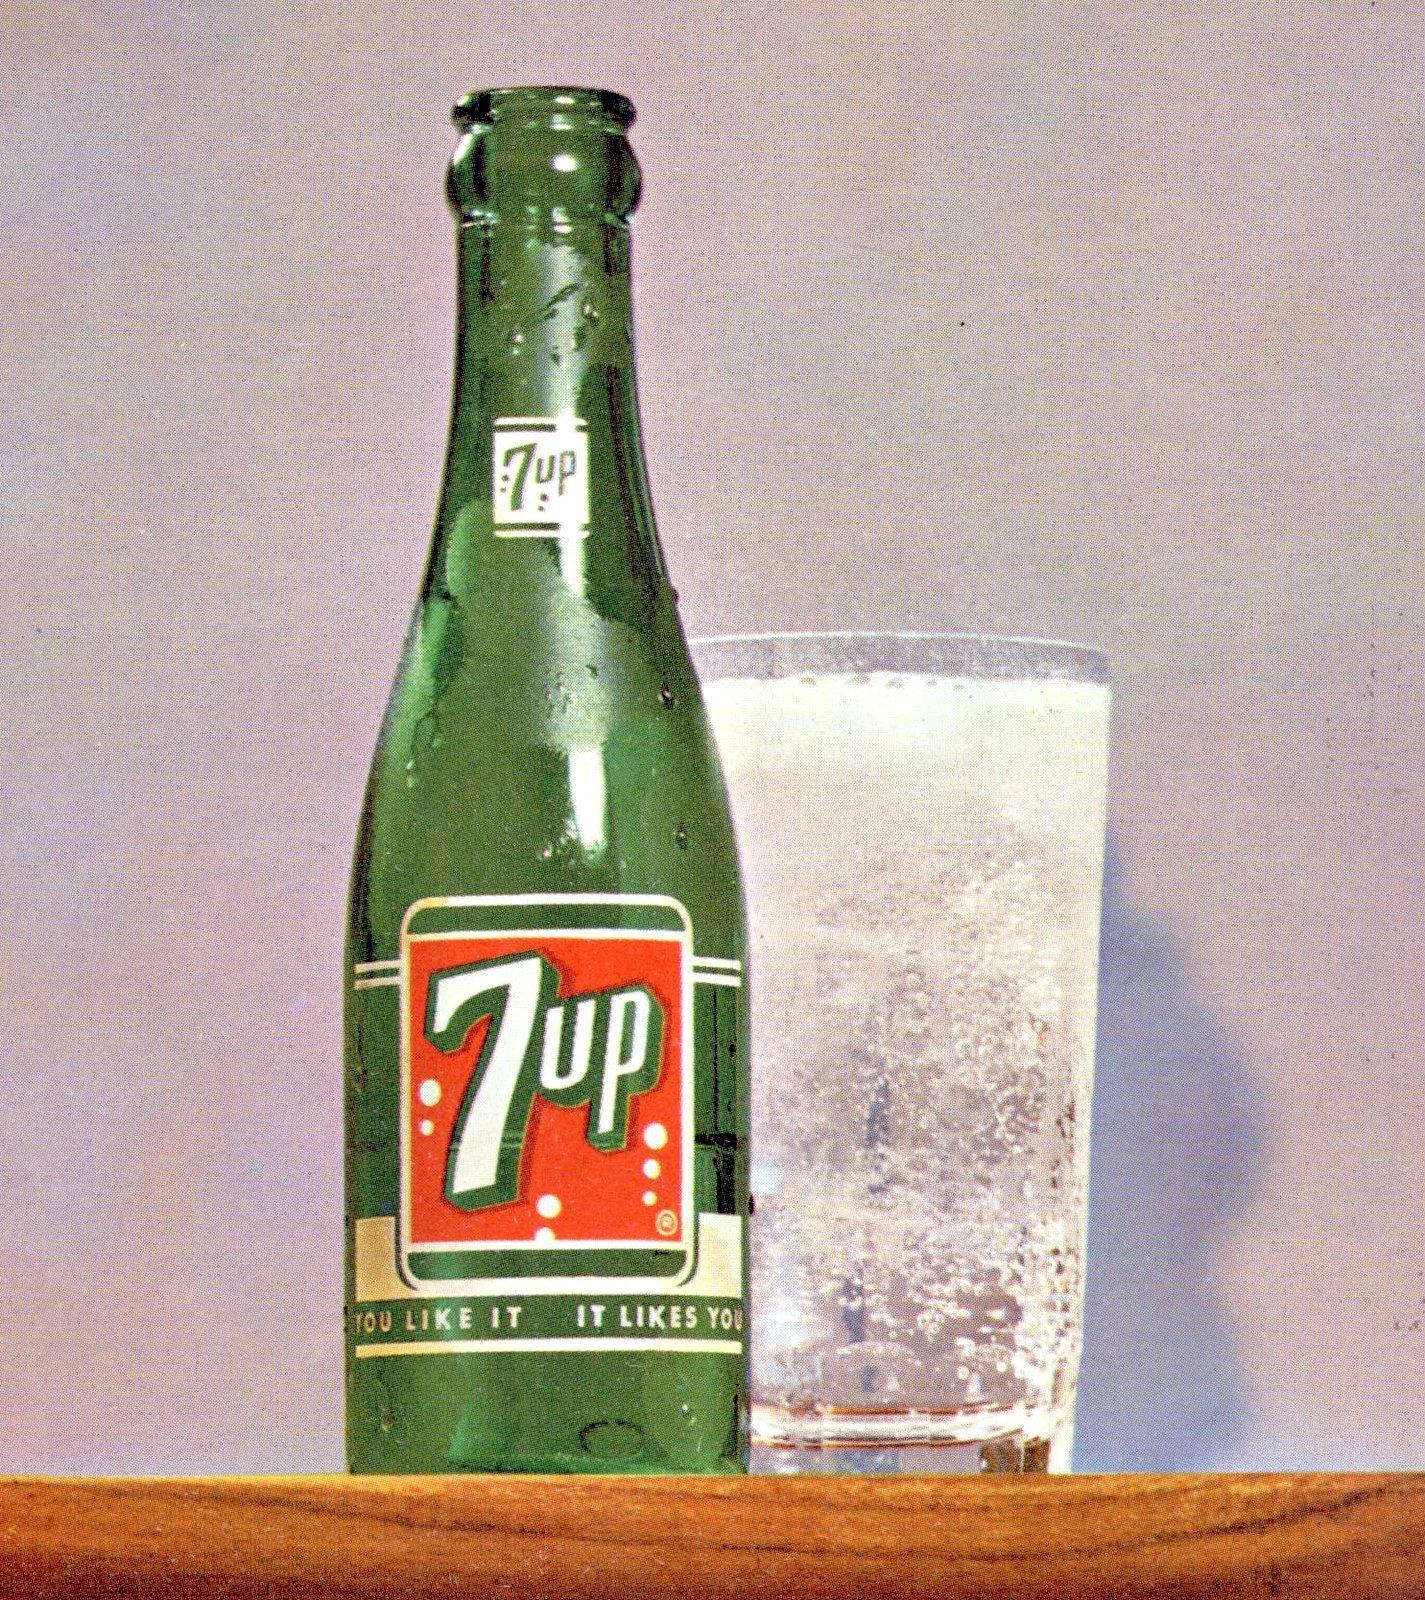 Vintage 7-Up soda bottle and glass of lemon-lime beverage